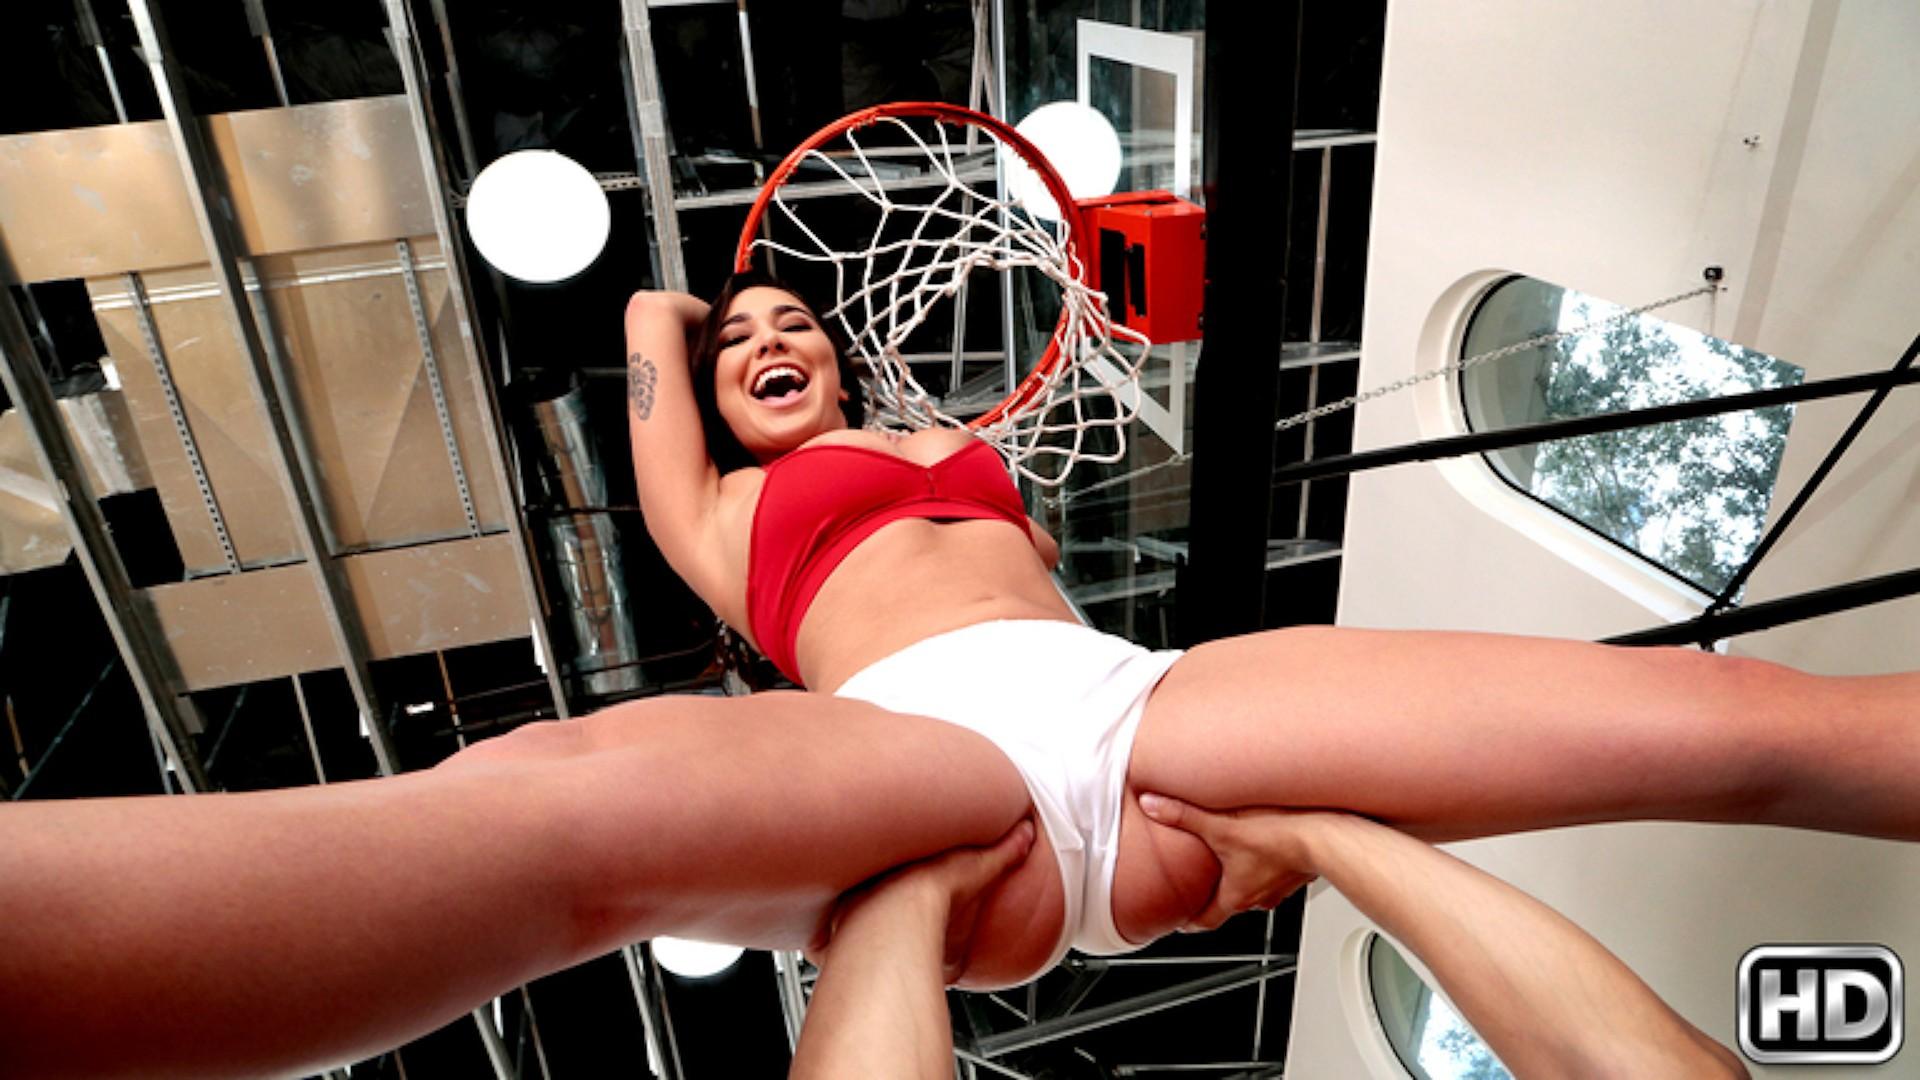 Shes Ballin - Big Naturals